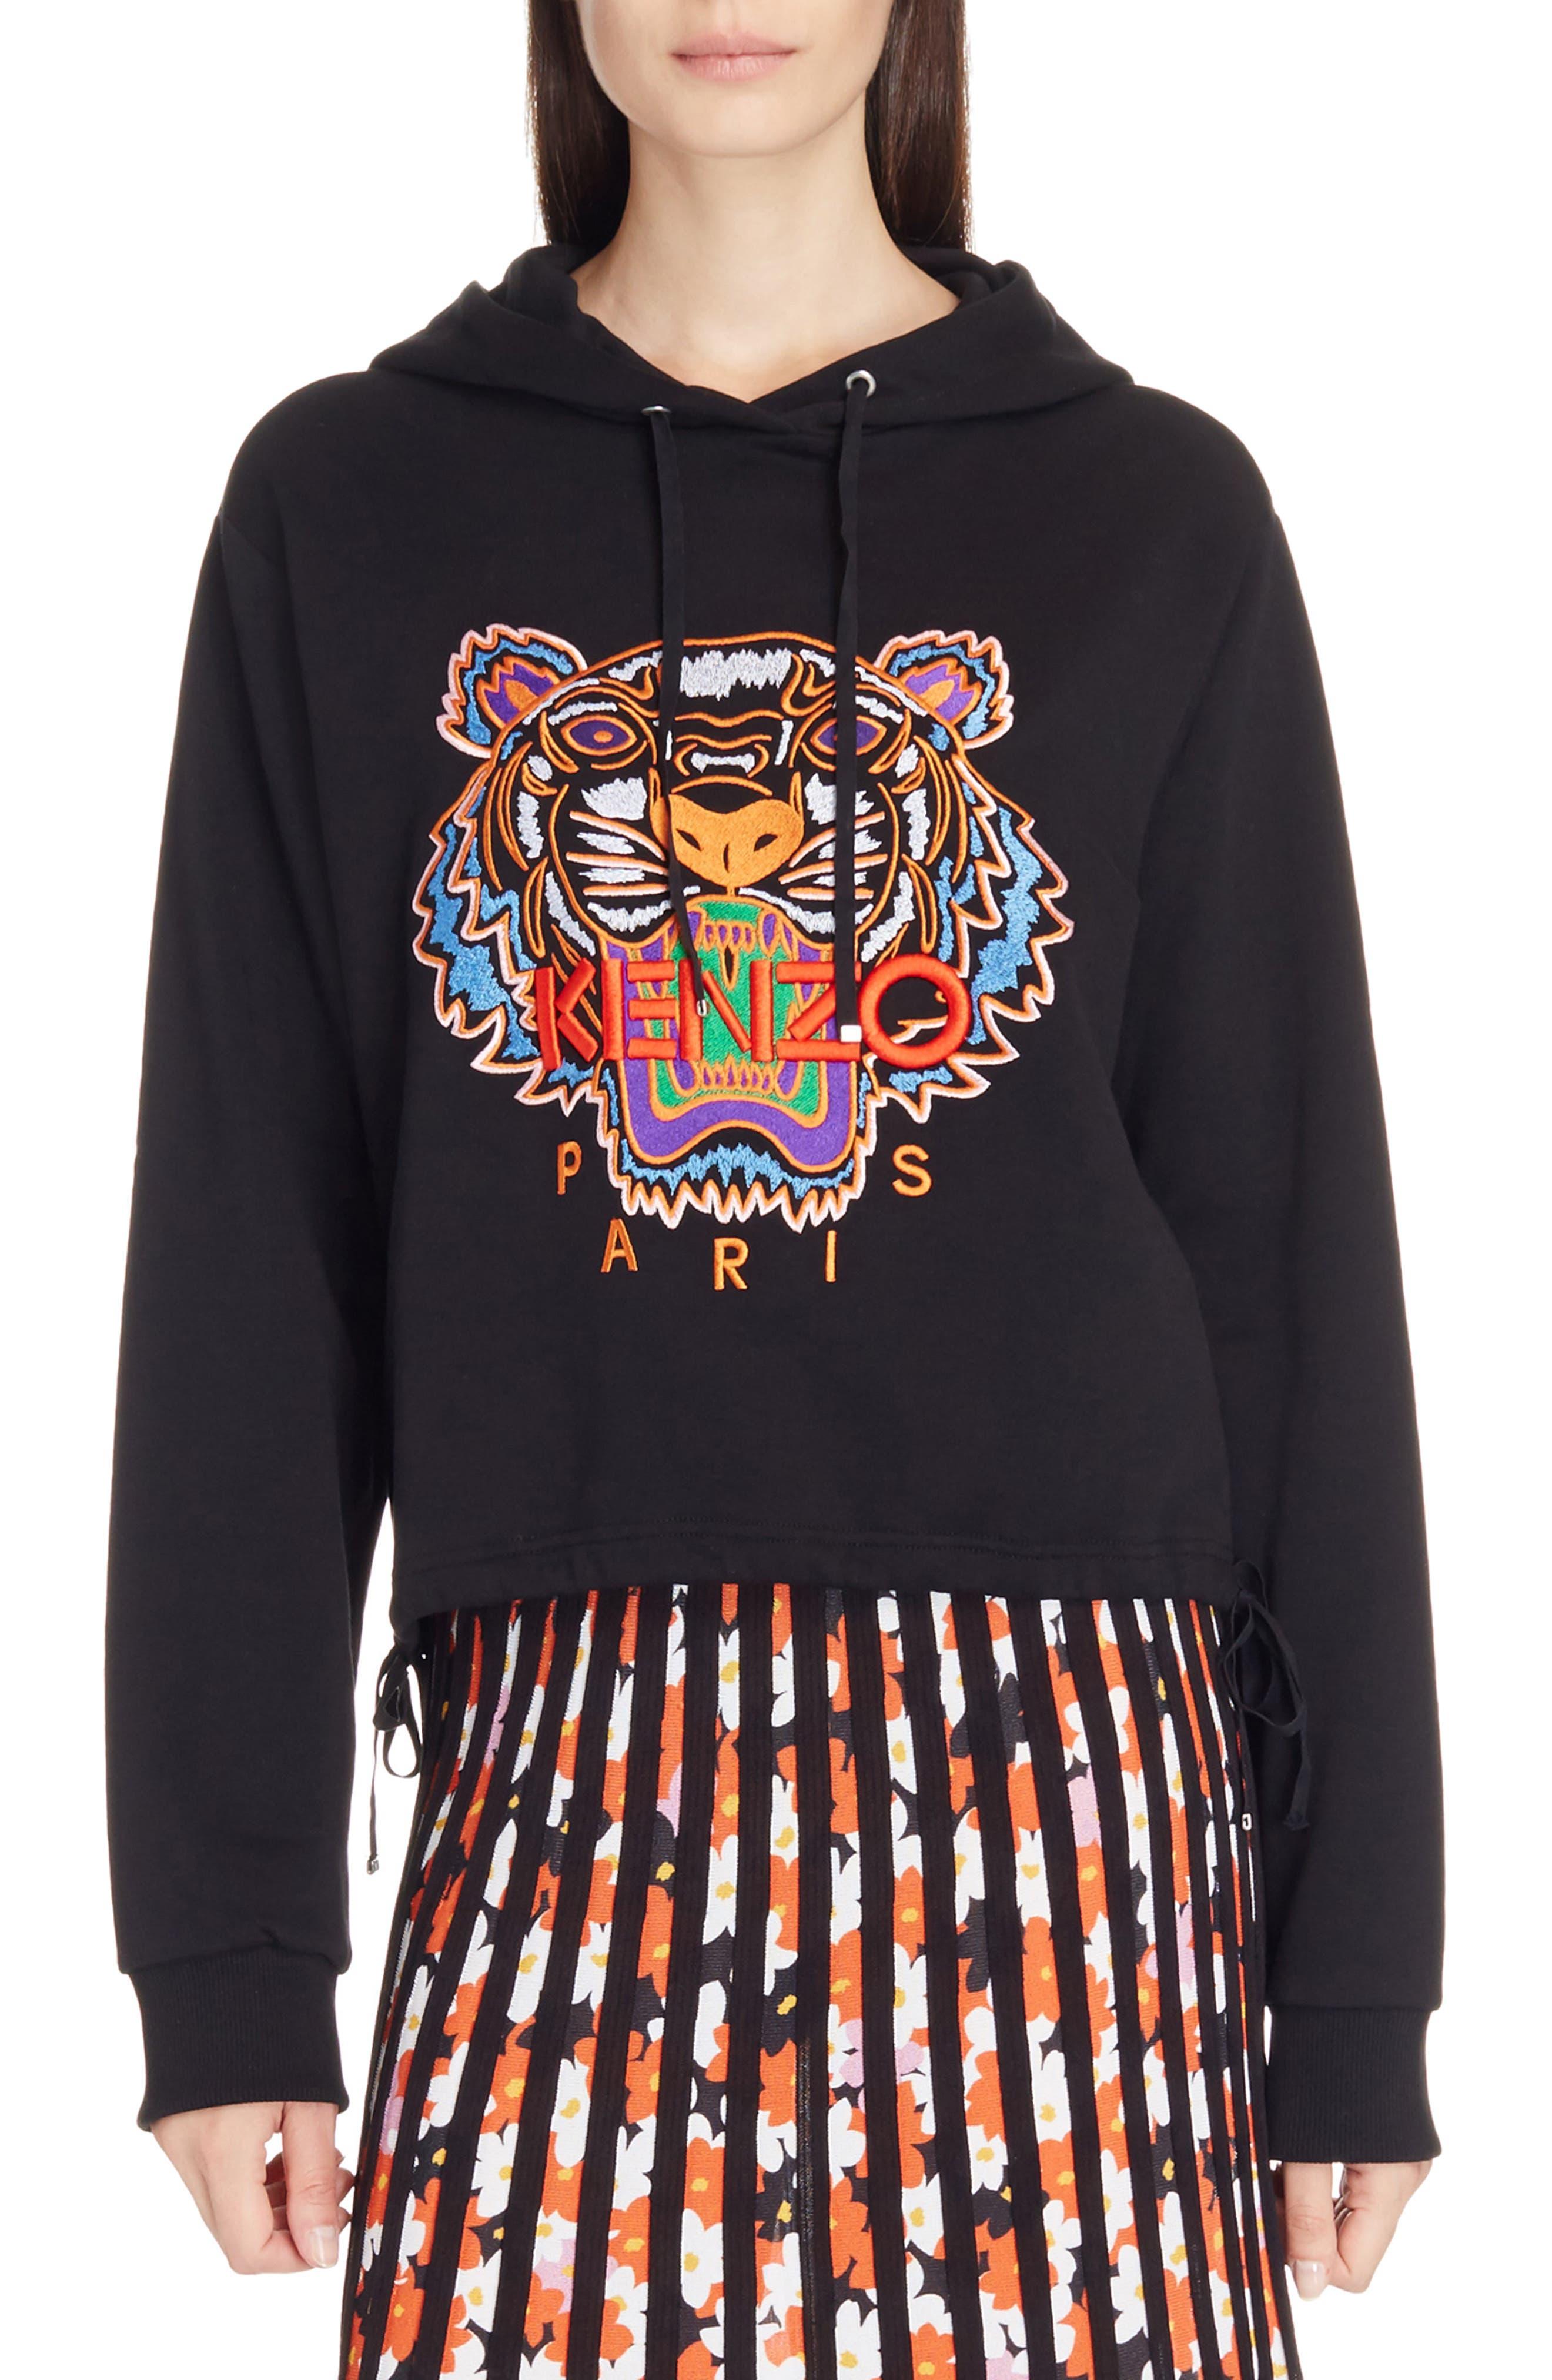 kenzo hoodie 2017